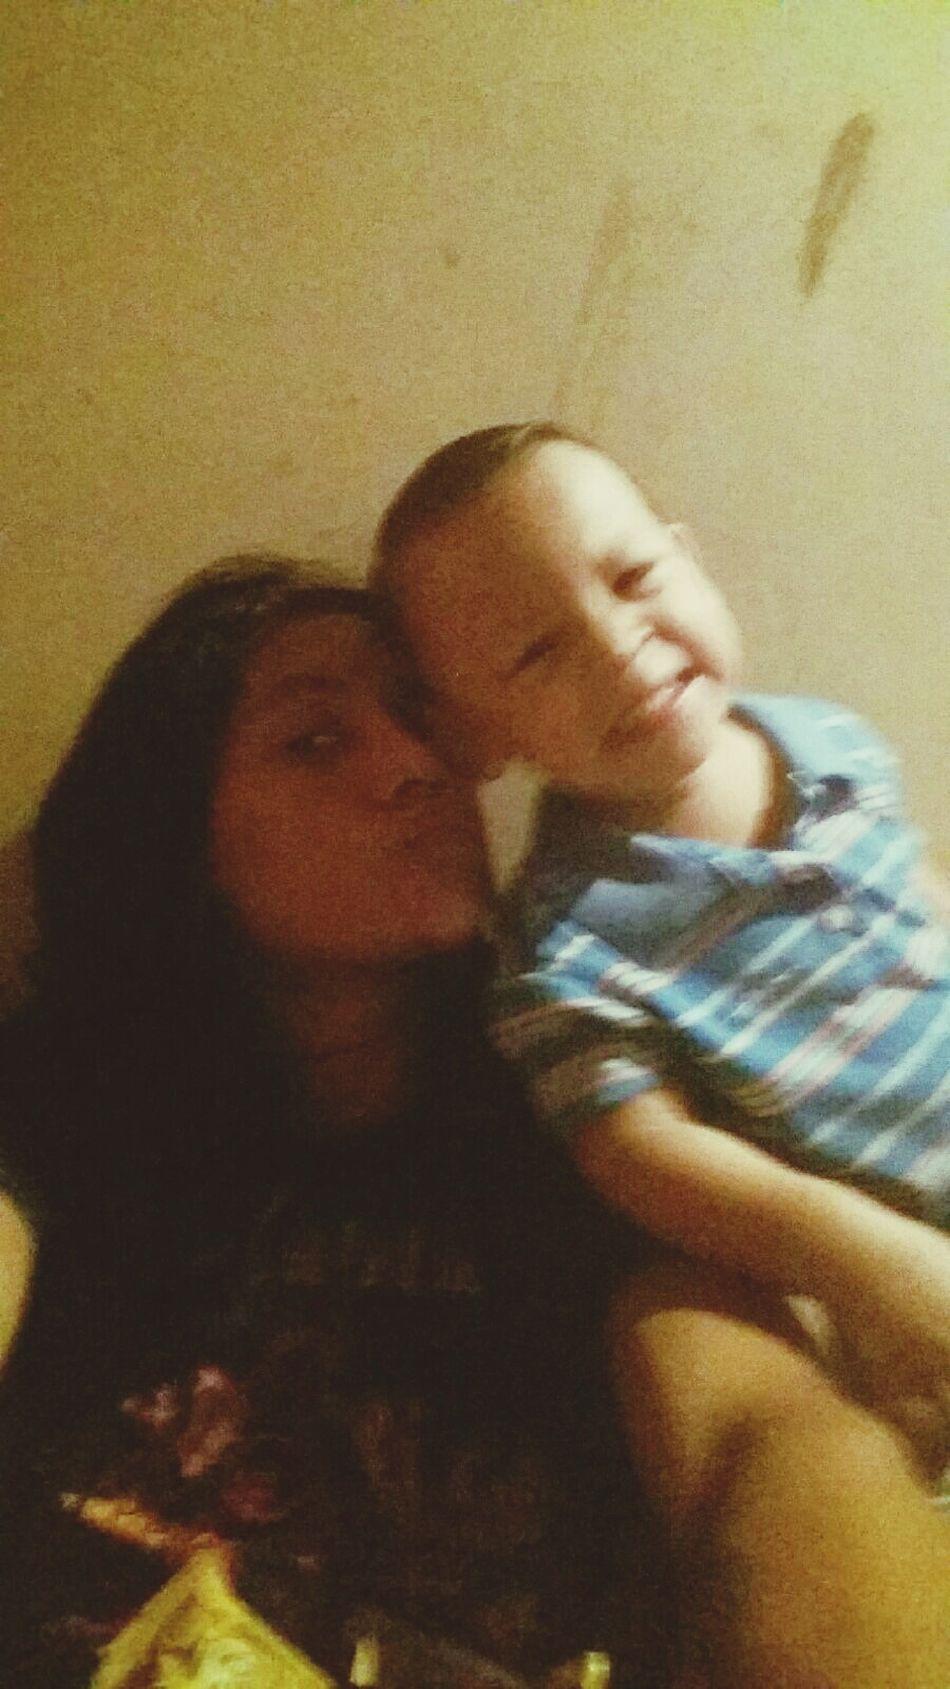 Con mi pequeño amigo